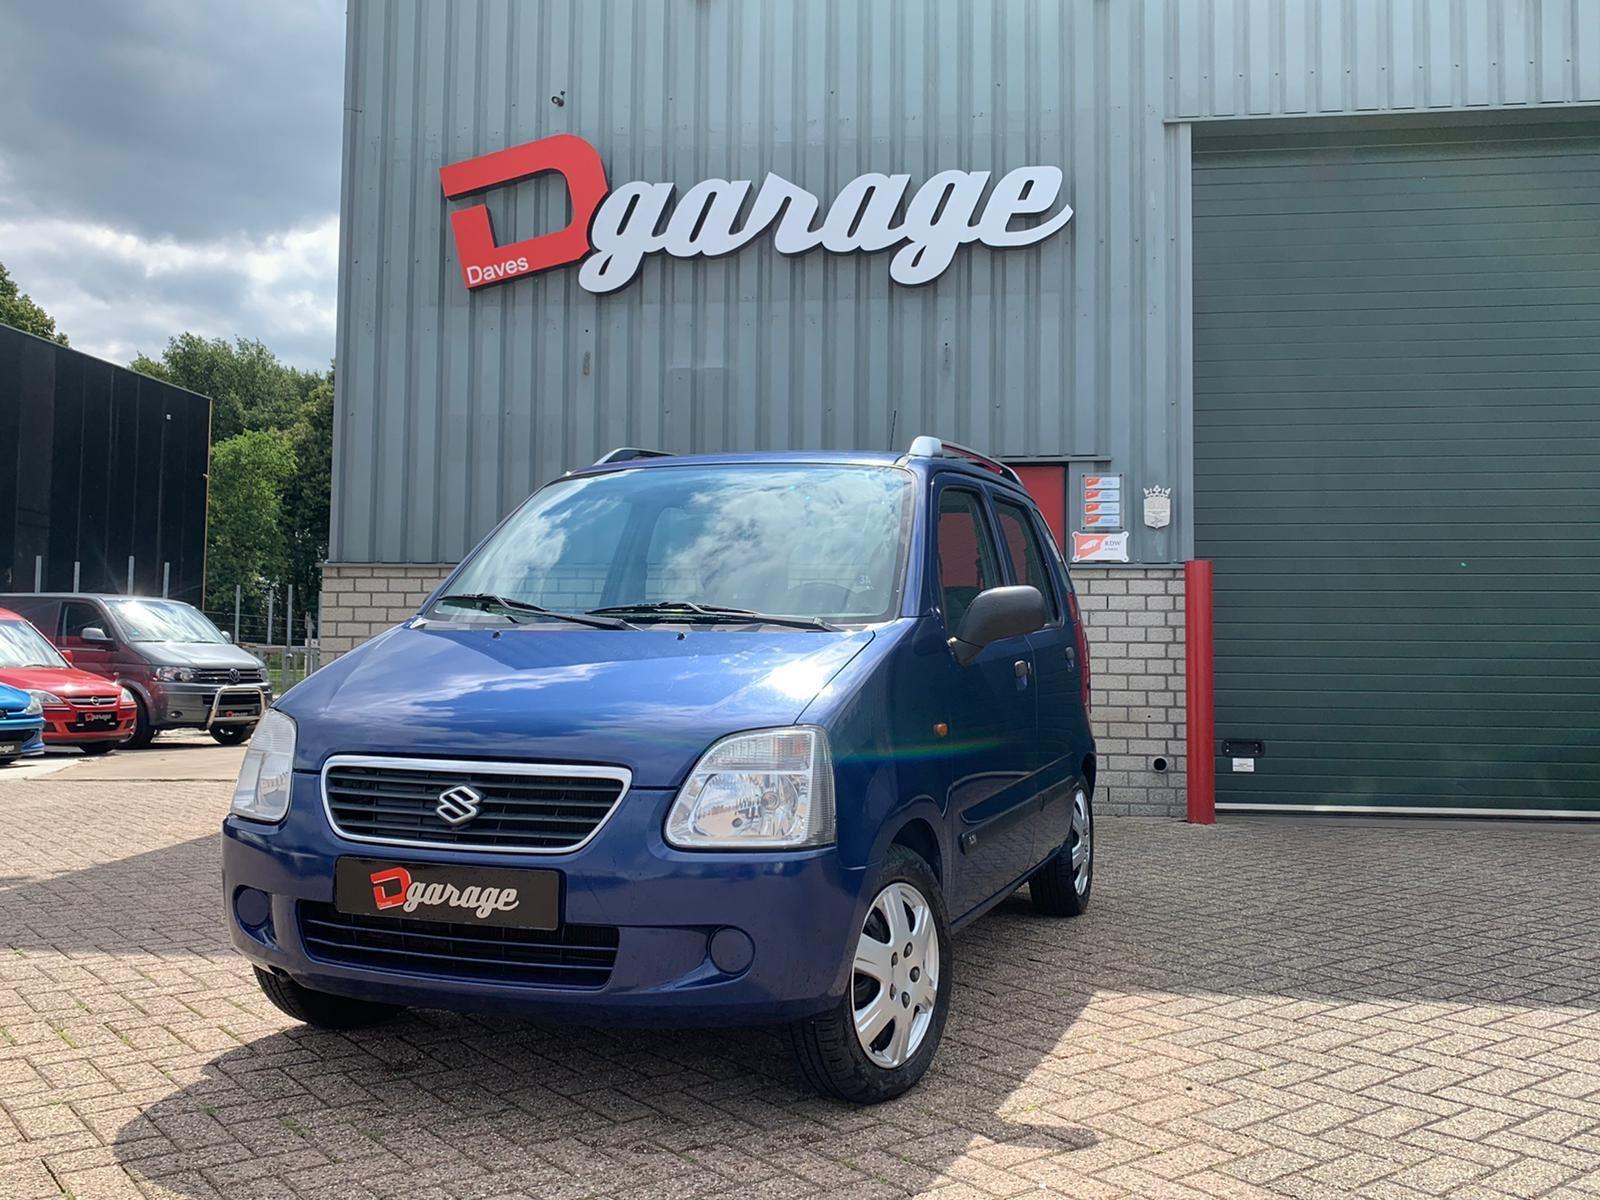 Suzuki Wagon R occasion - Dave's Garage